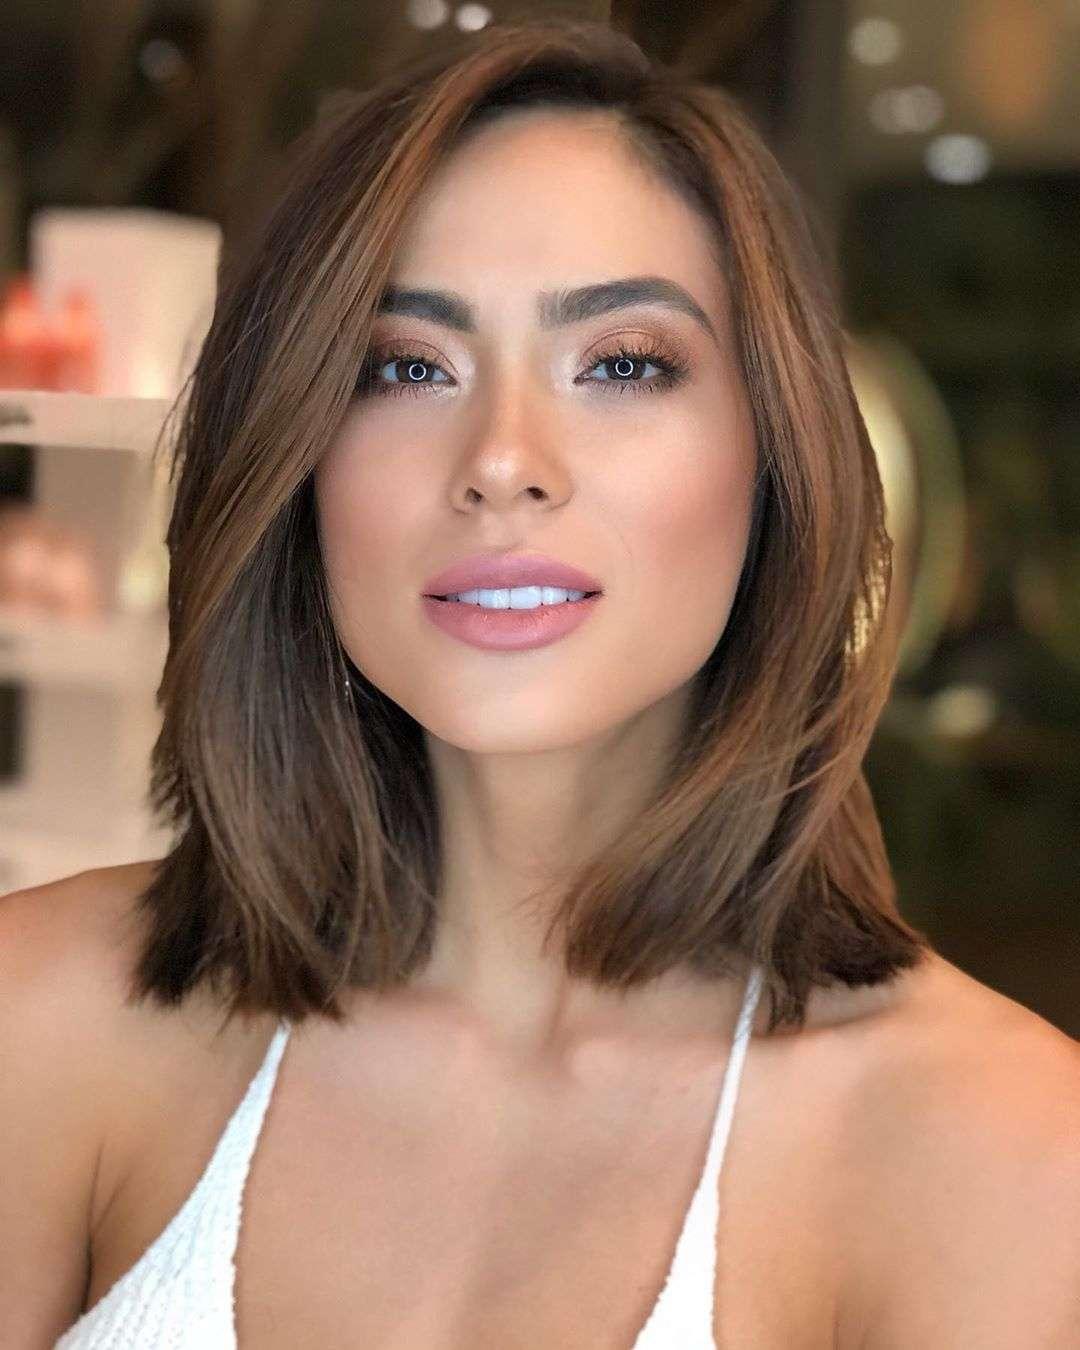 corte de cabelo feminino em alta